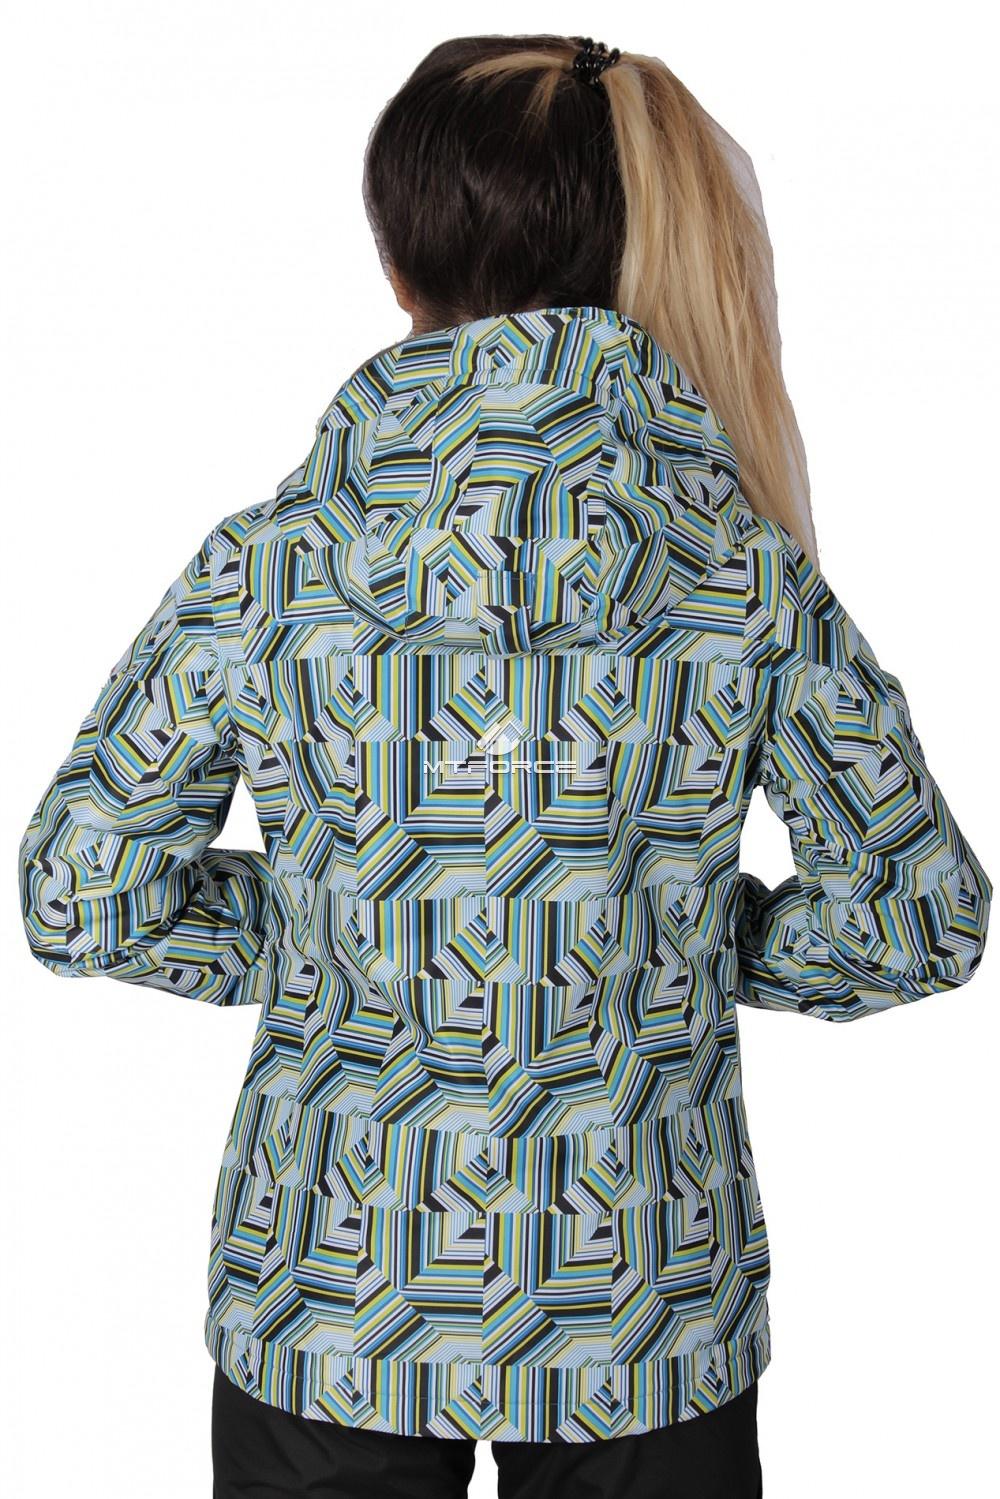 Купить оптом Куртка спортивная женская осень весна голубого цвета 1722Gl в  Красноярске